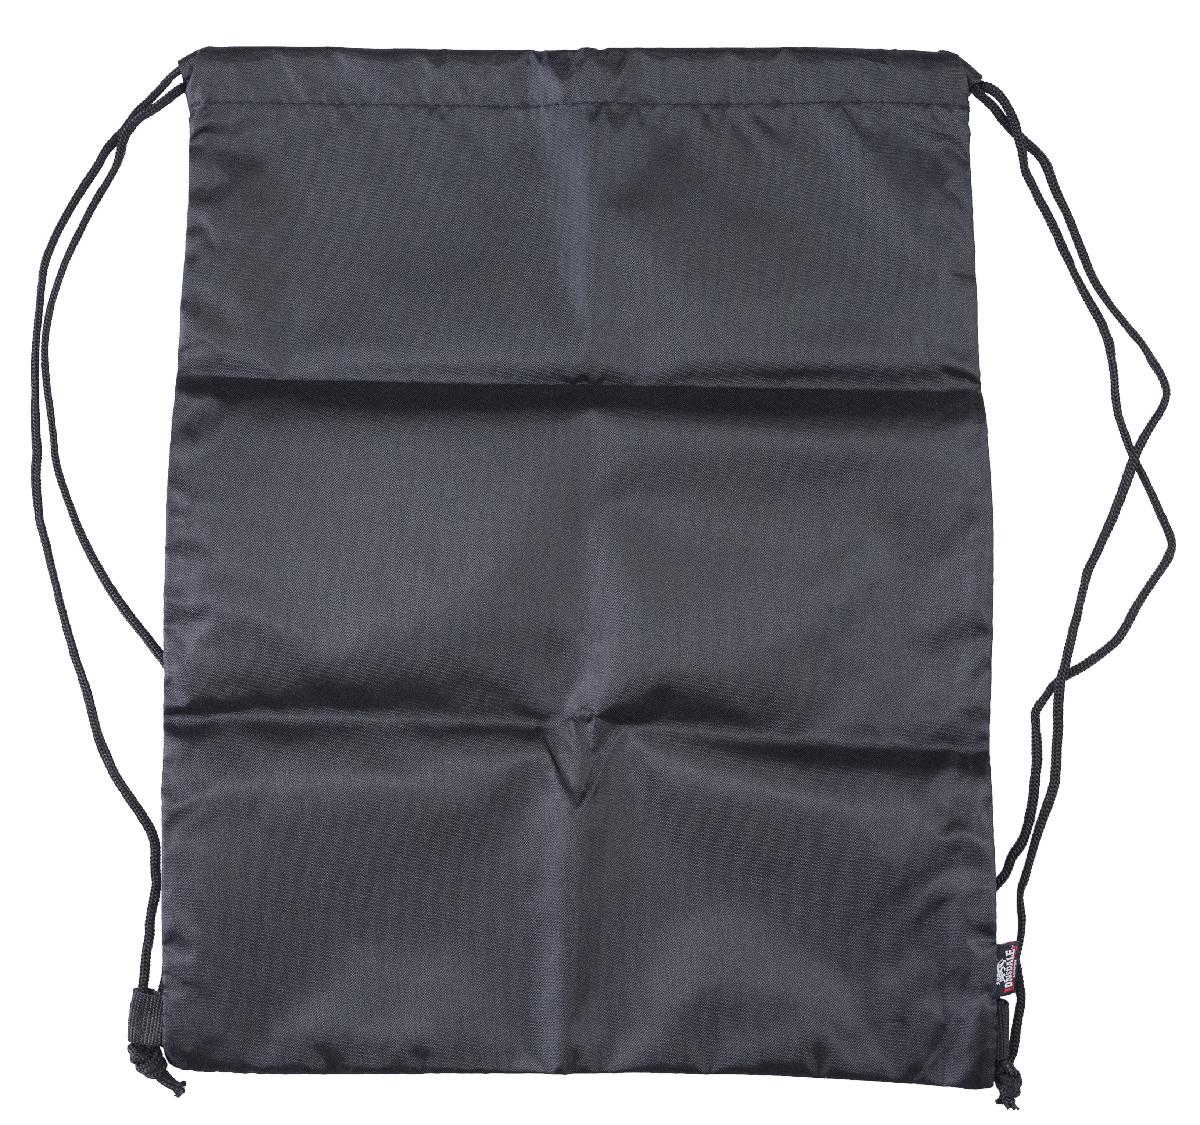 Сумка для сменной обуви Lonsdale идеально подходит как для хранения, так и для переноски сменной обуви и одежды.  Сумка выполнена из прочного водонепроницаемого полиэстера и содержит одно вместительное отделение, затягивающееся с помощью текстильных шнурков. Шнурки фиксируются в нижней части сумки, благодаря чему ее можно носить за спиной как рюкзак.